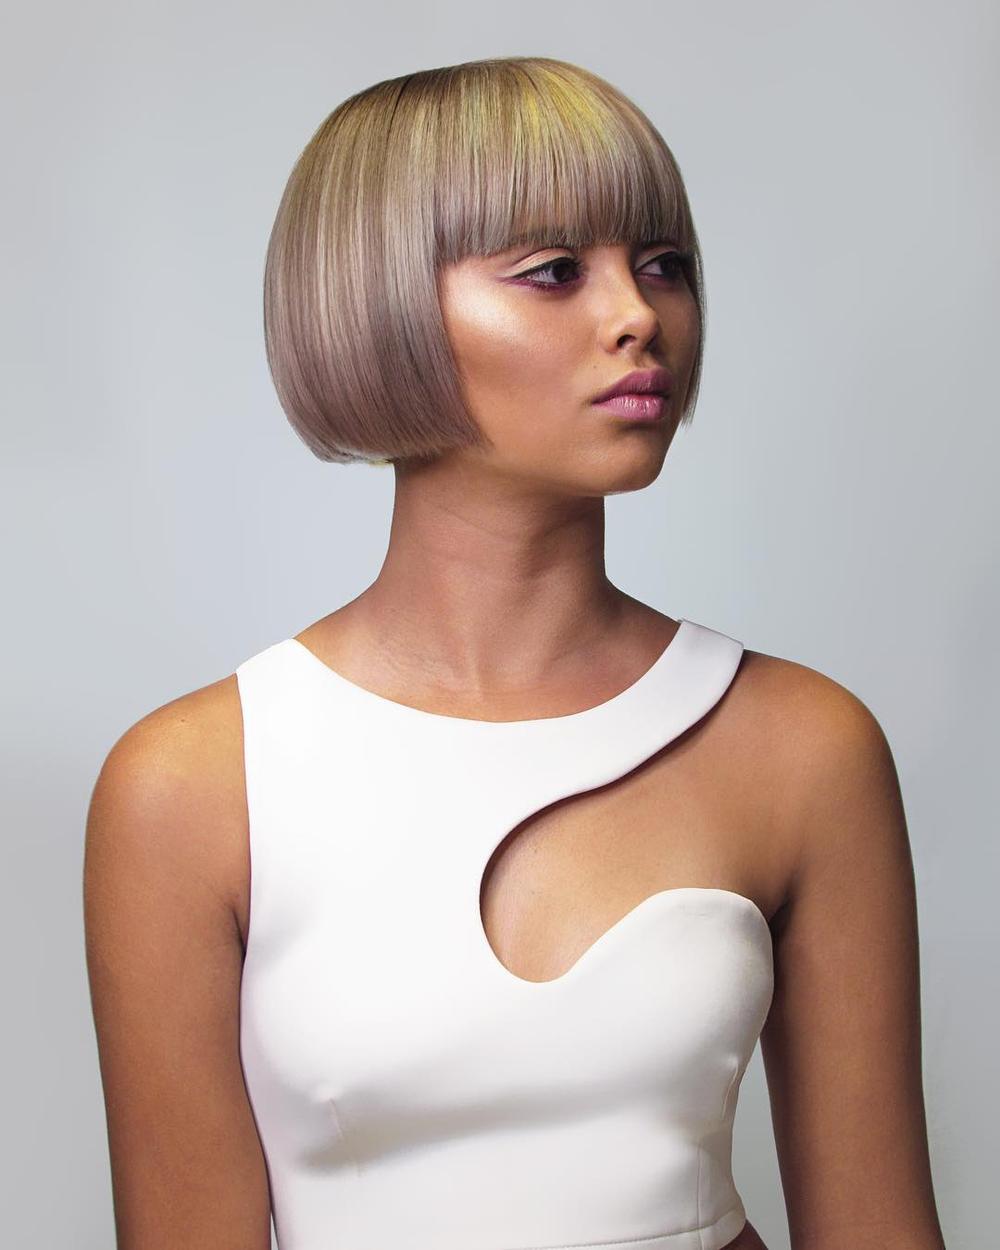 #COLORVISION: Carol Maojica<br /> <p>@carol_mojica_beauty_expert Carol Mojica Beauty Expert, Caguas, PR</p>